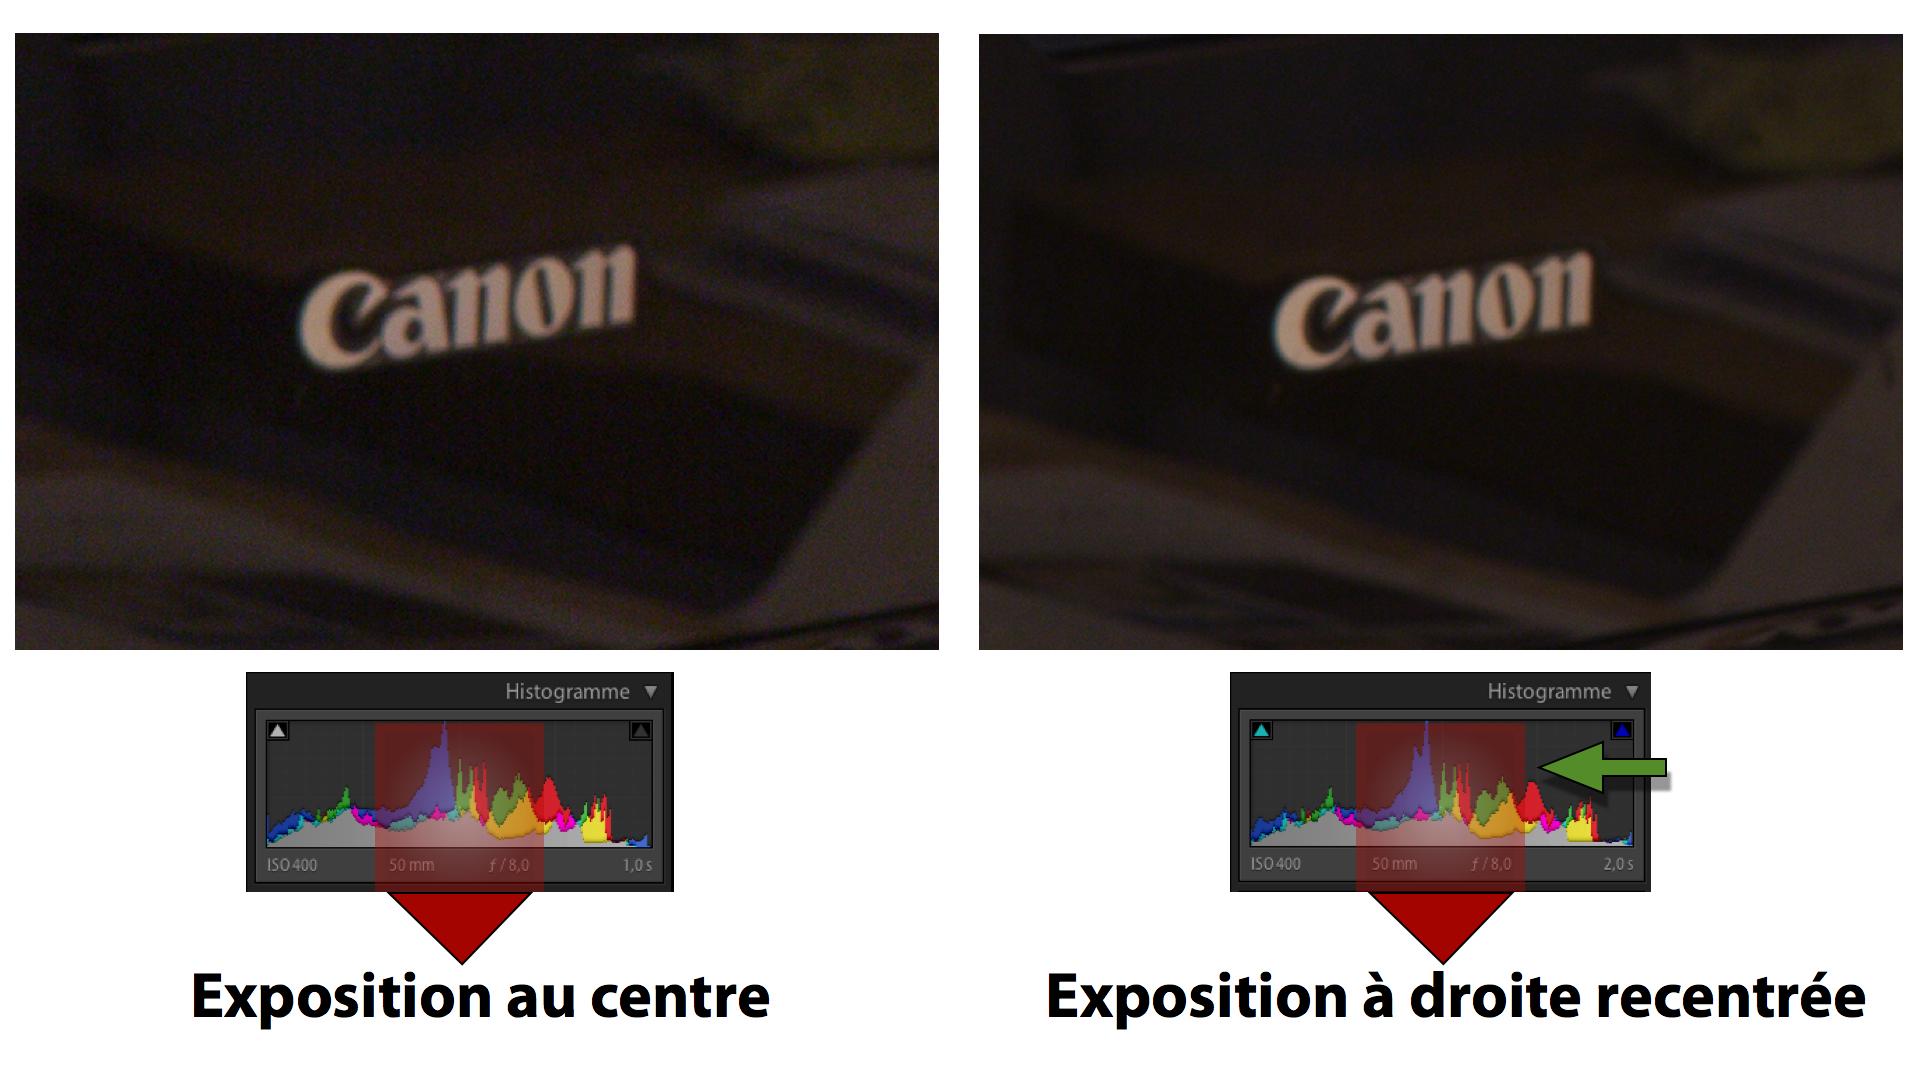 expostion-a-droite-comparaison.004